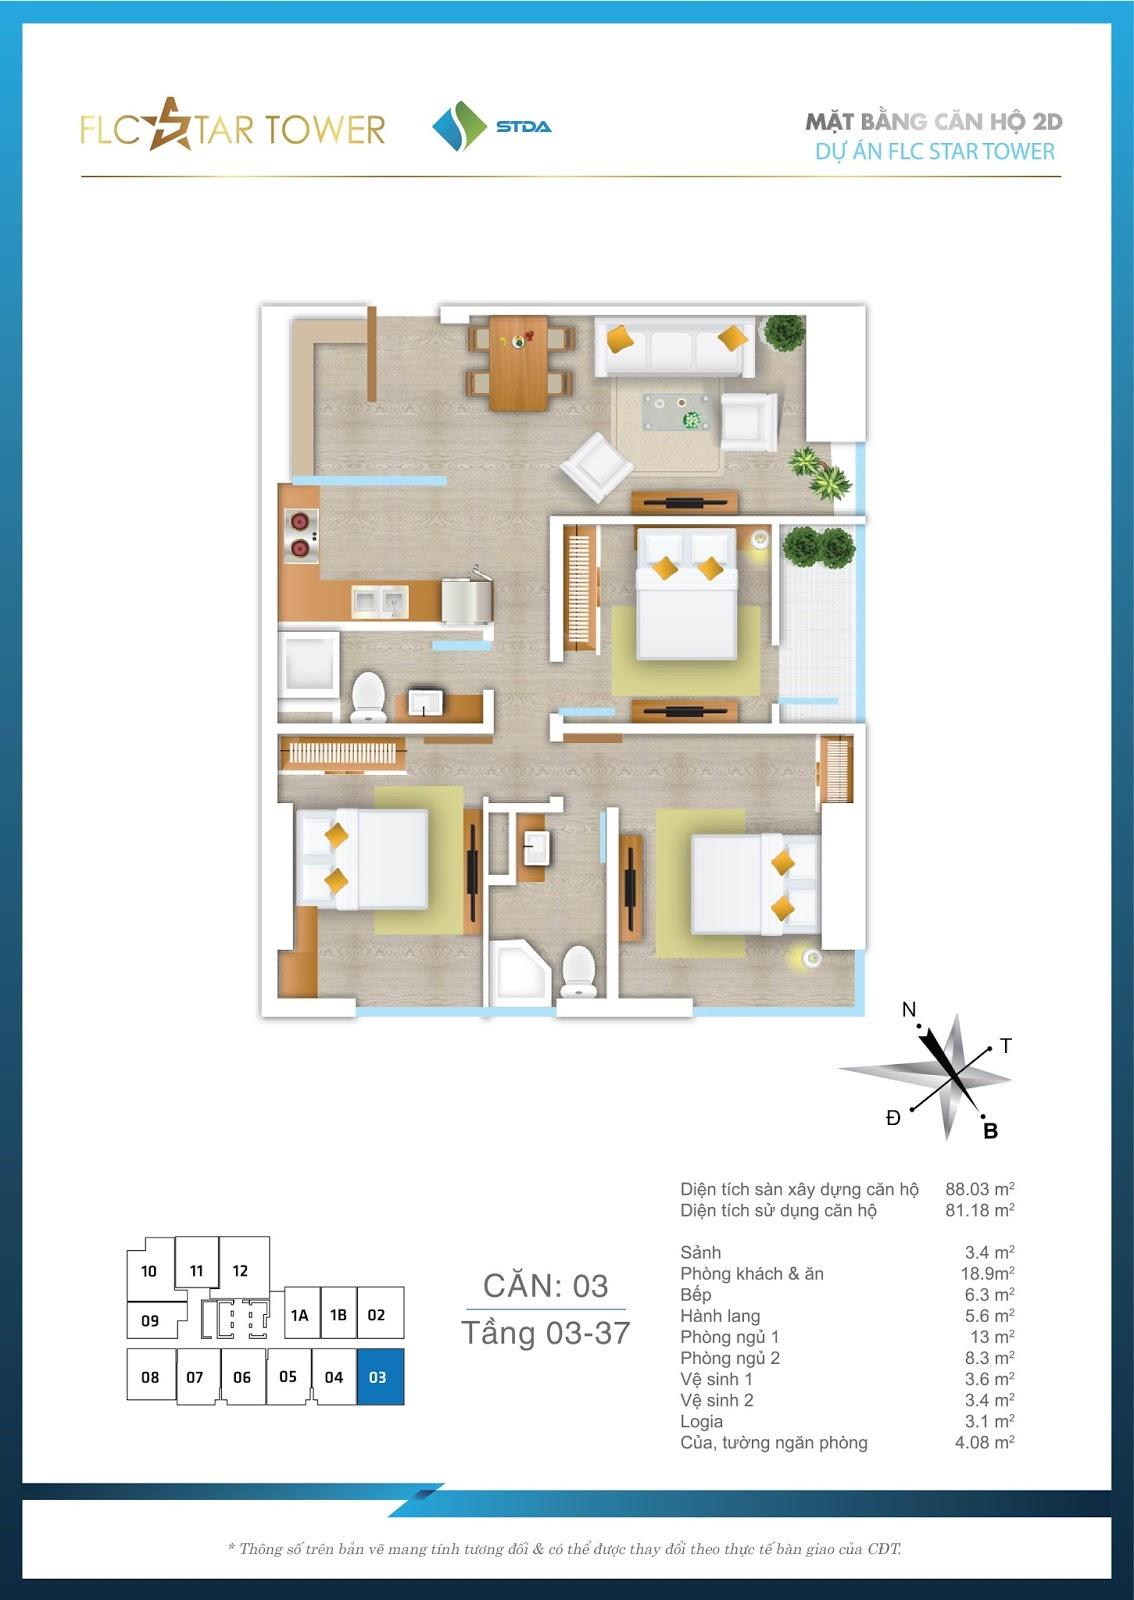 Thiết kế căn hộ 03 - Chung cư FLC Star Tower Hà Đông